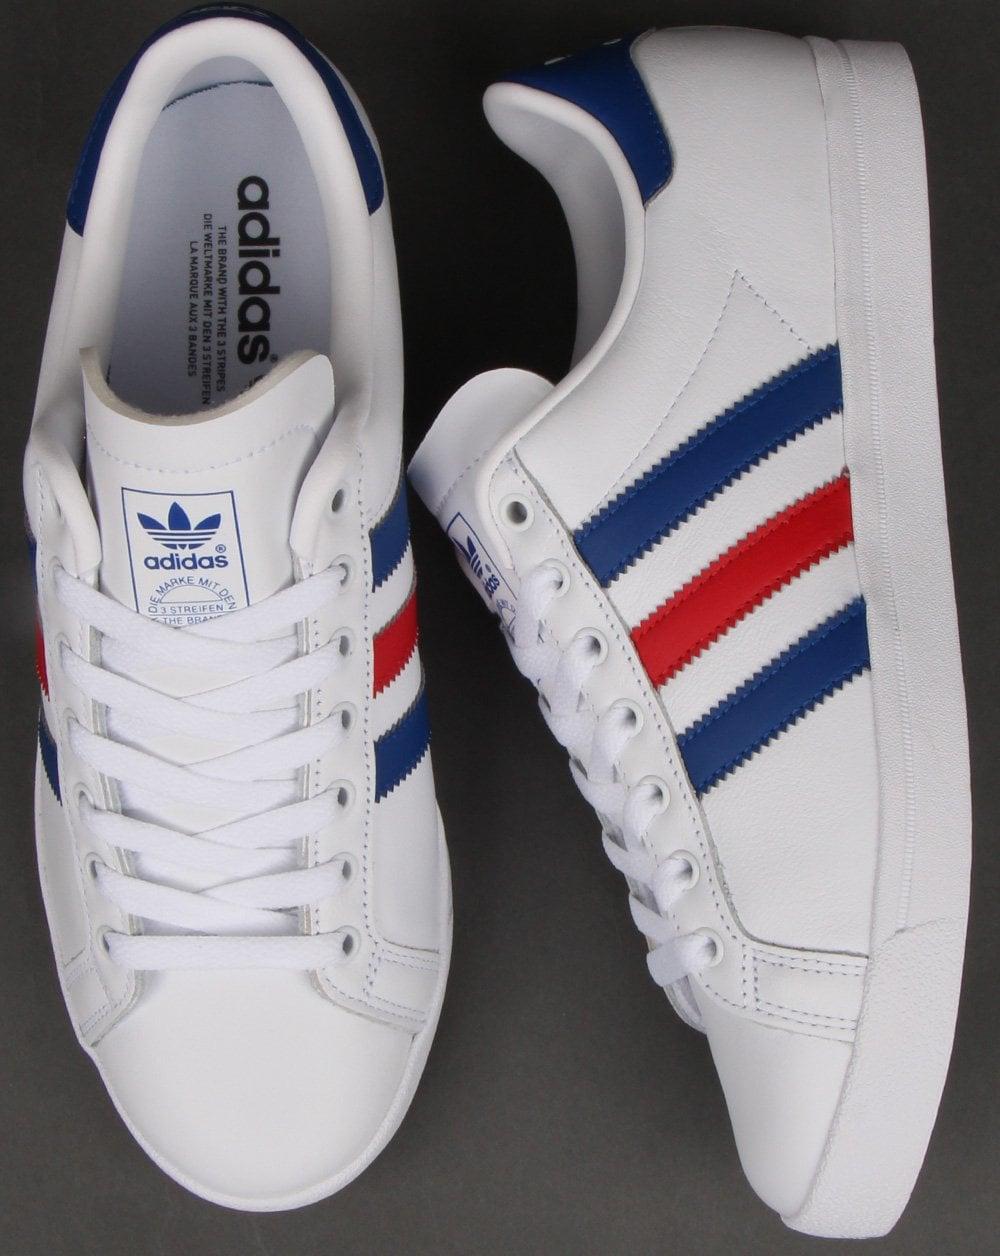 buty na codzień buty do biegania oficjalne zdjęcia Adidas Coast Star Trainers White/Royal/Red